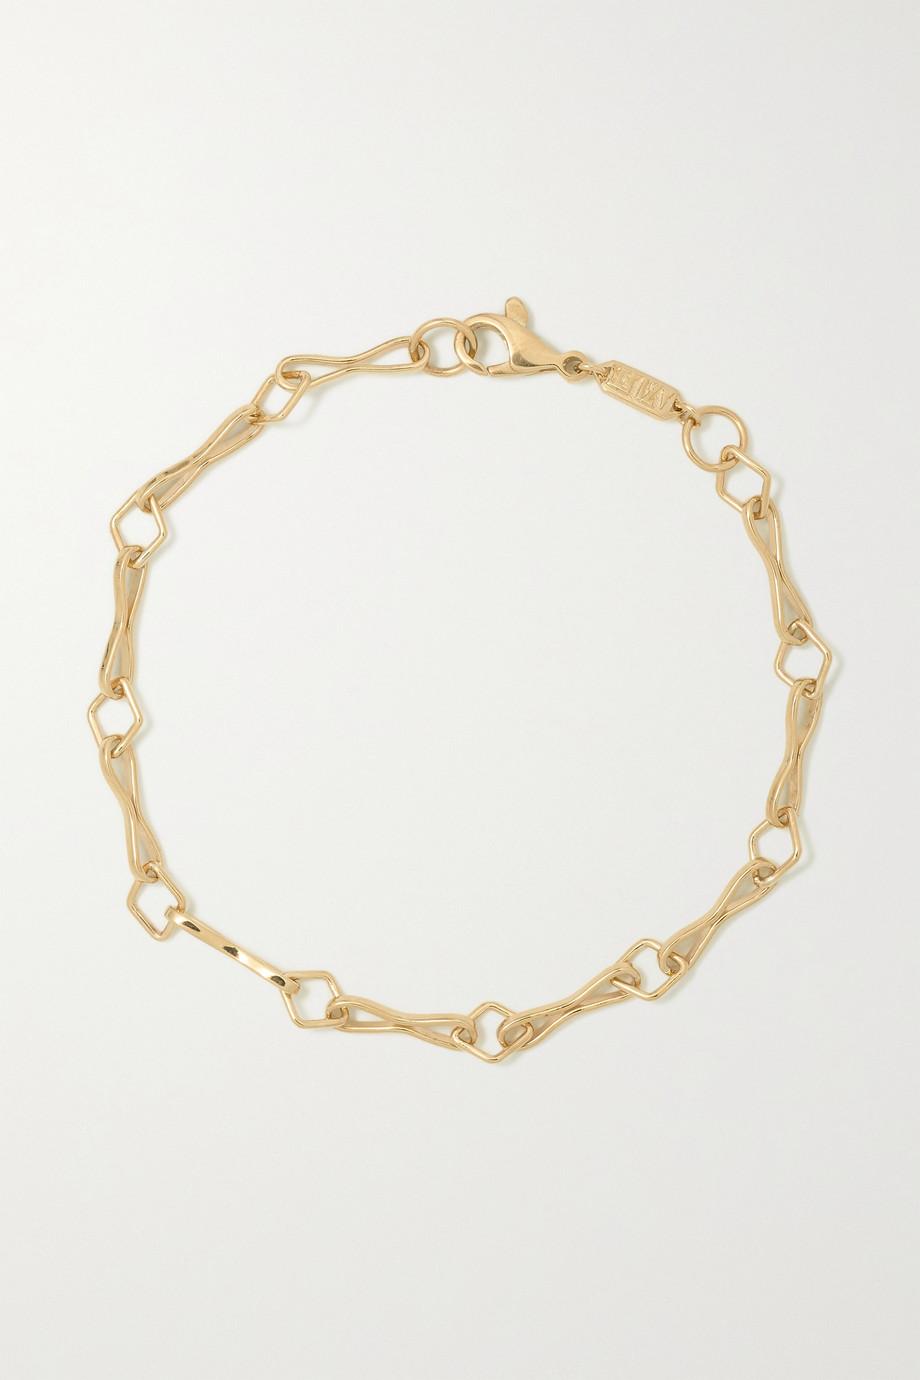 ᾹZLEE 18-karat gold bracelet